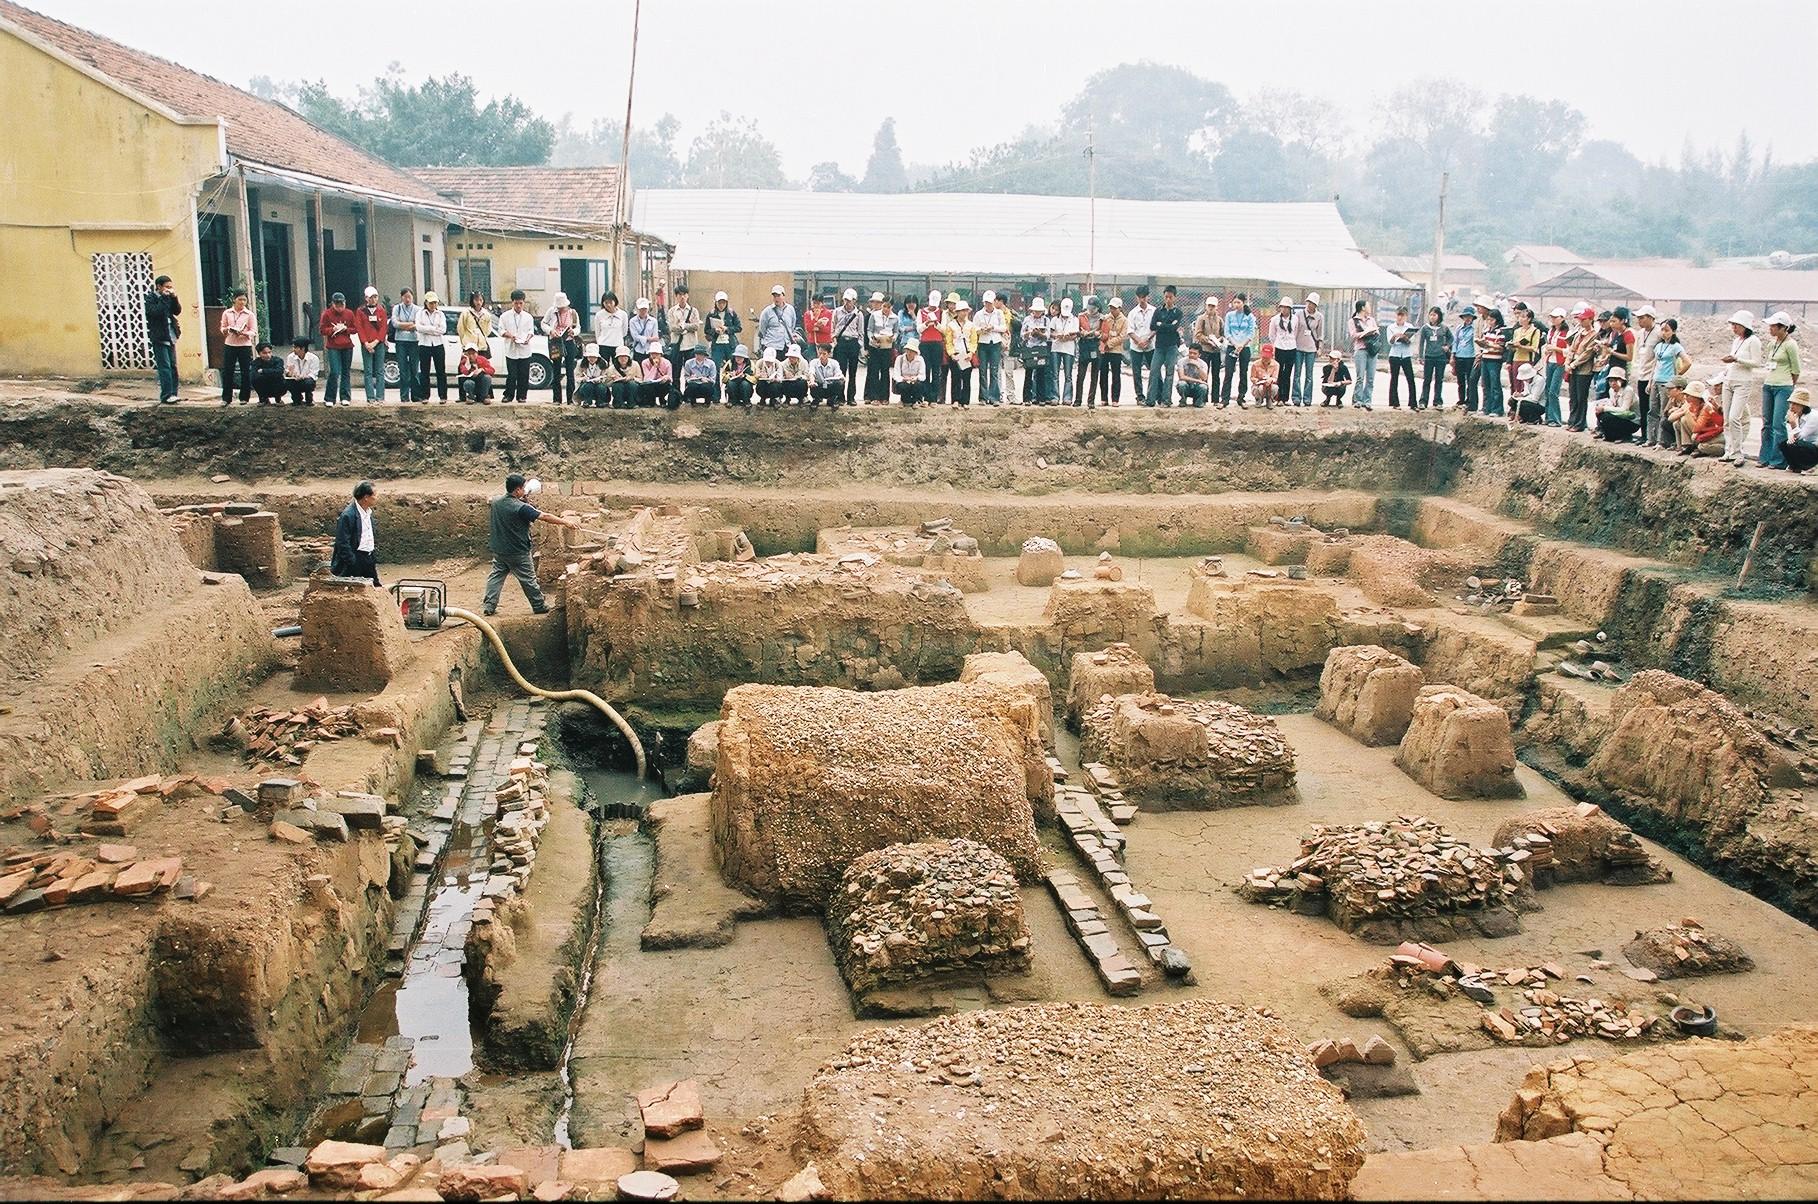 Sinh viên đại học nghe nhà khảo cổ học Nguyễn Tiến Đông giới thiệu những di tích thời Lý - Trần (Khu A). Ảnh: Viện Khảo cổ học (2004).